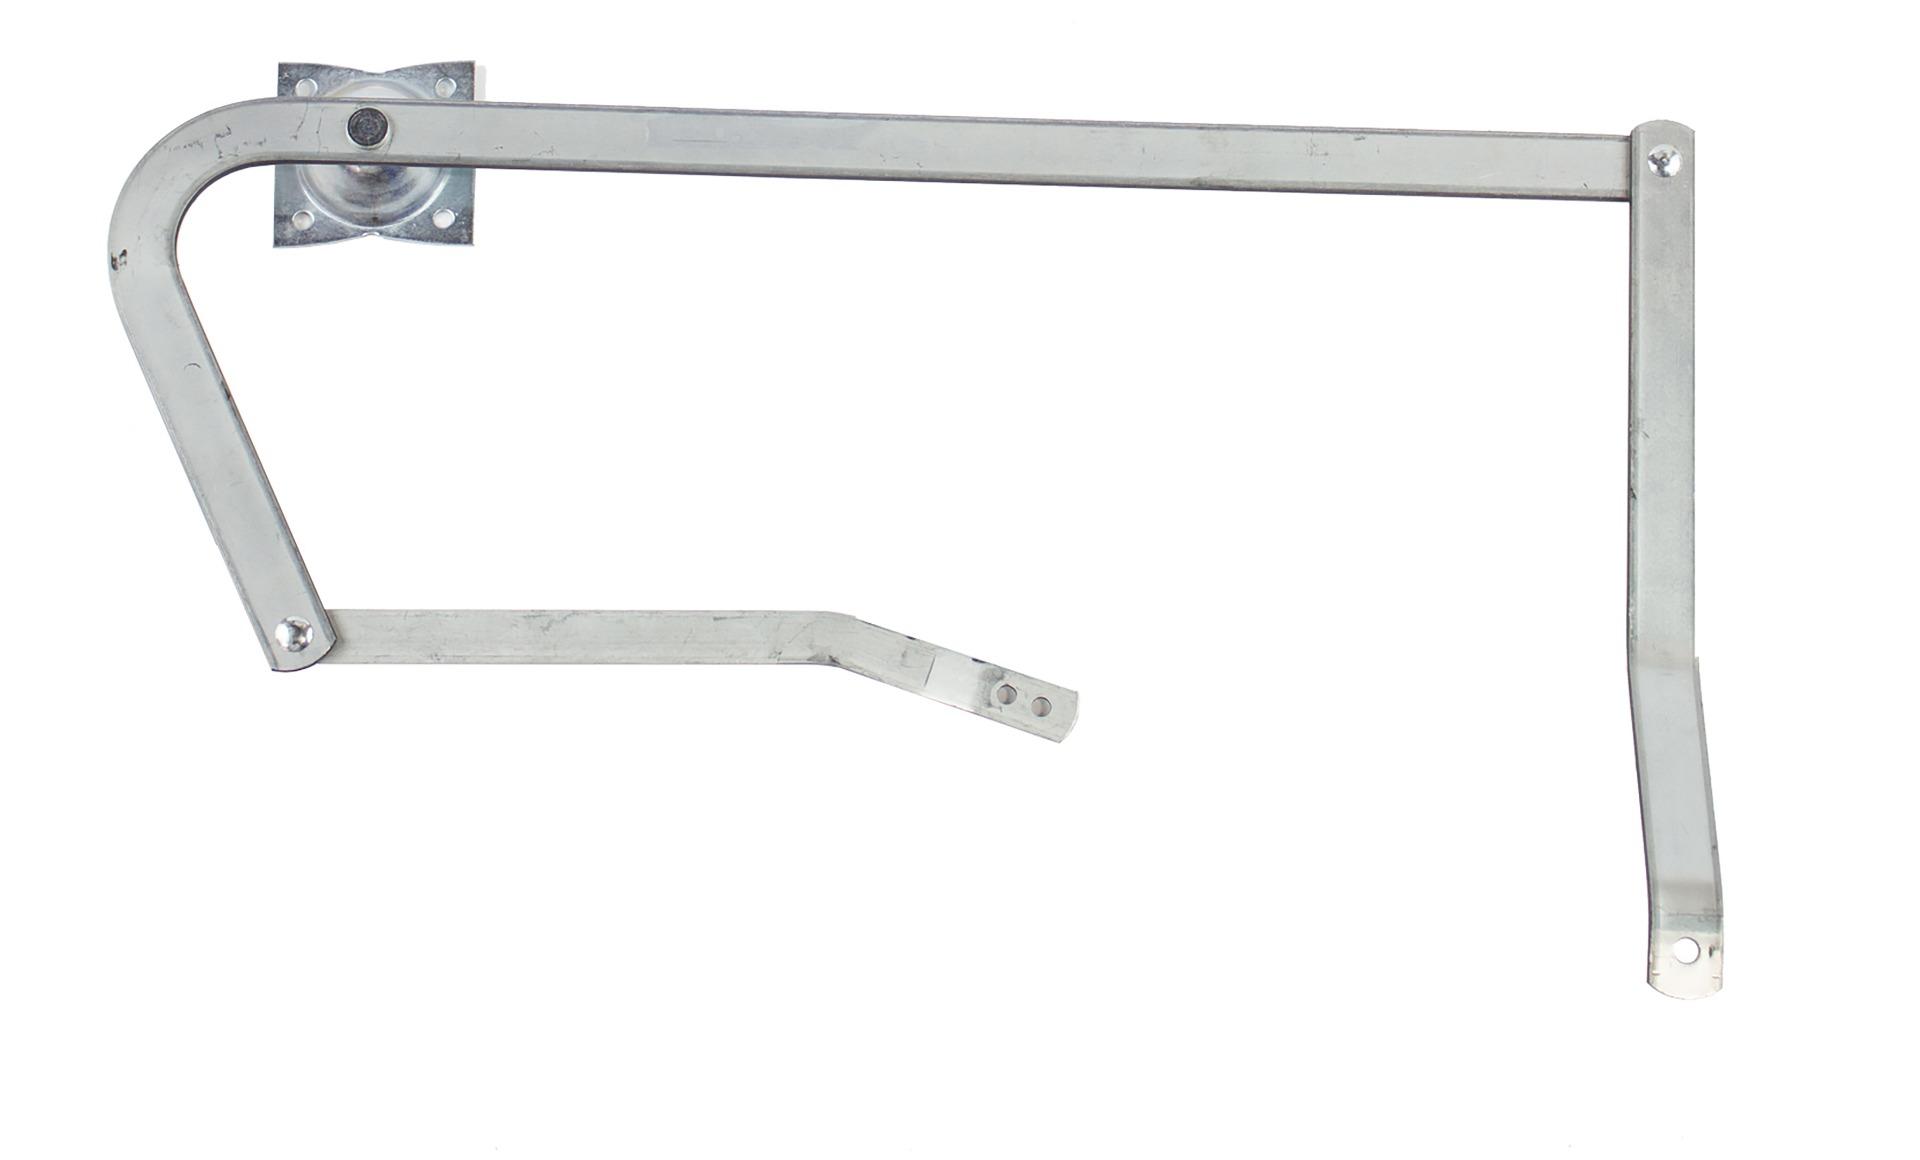 Louisville Ladder Power Arm (Left)